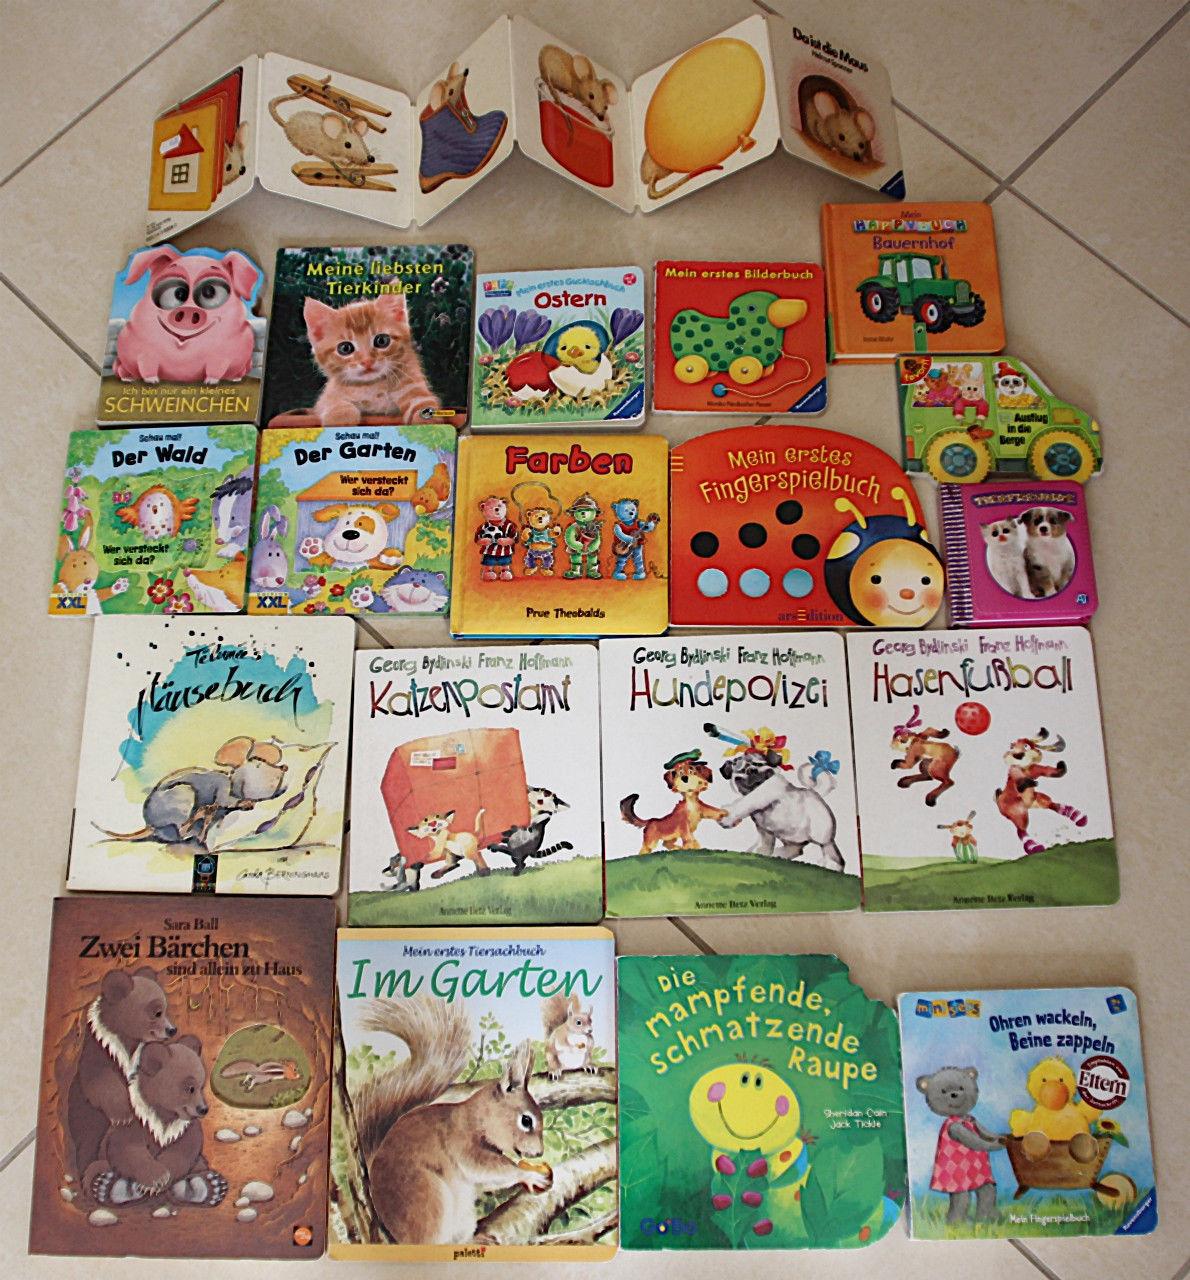 20 TEILE!!! Bücherpaket f. Babys/Kleinkinder Bilderbücher Pappbücher